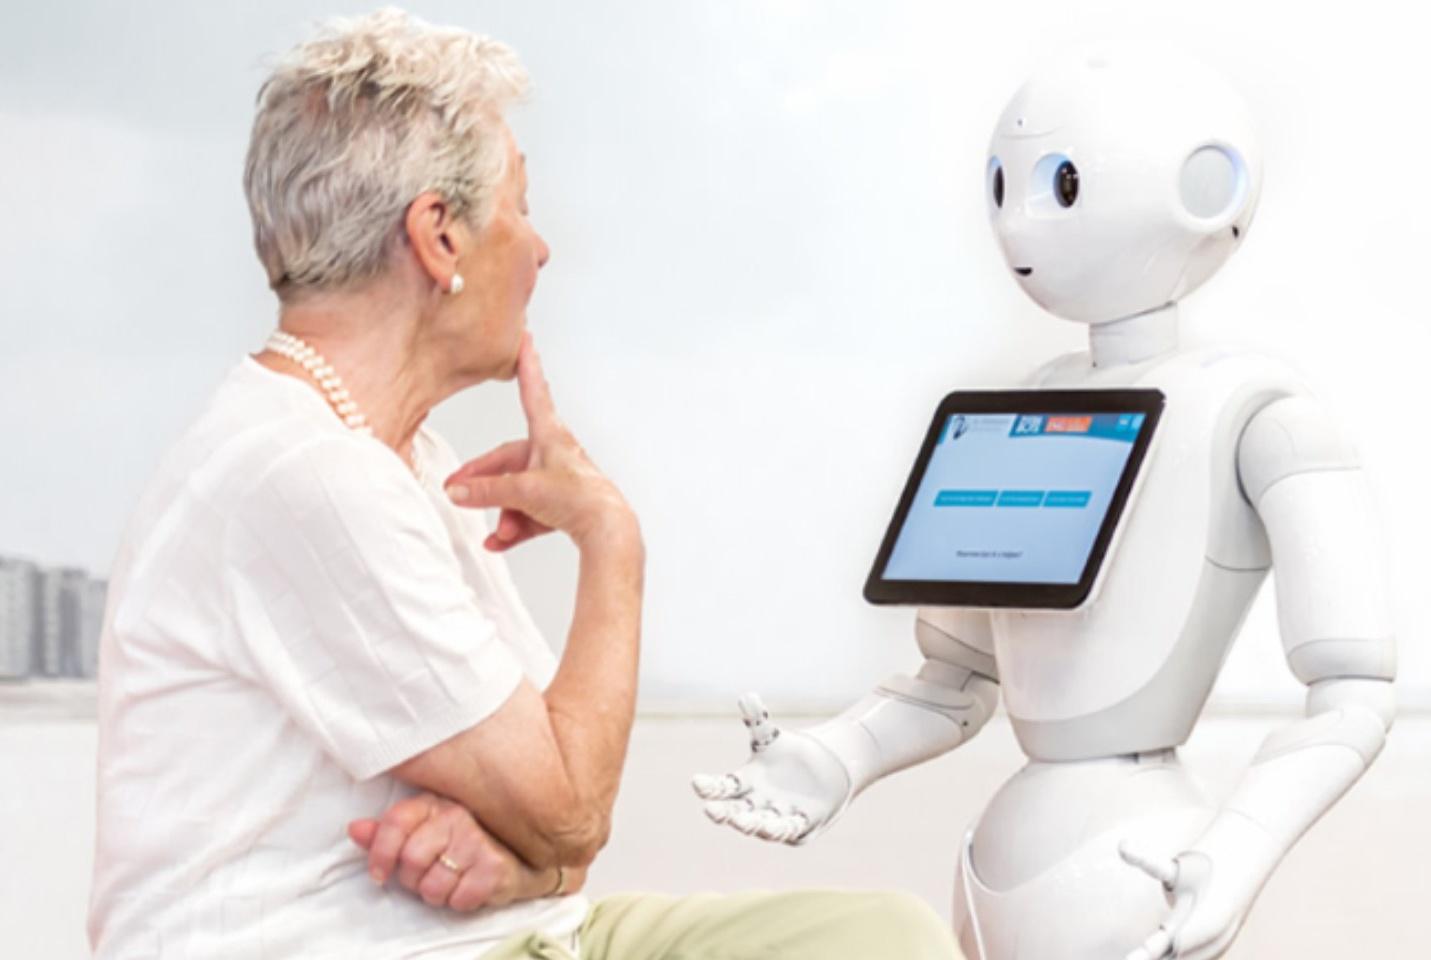 Asistencia robotica